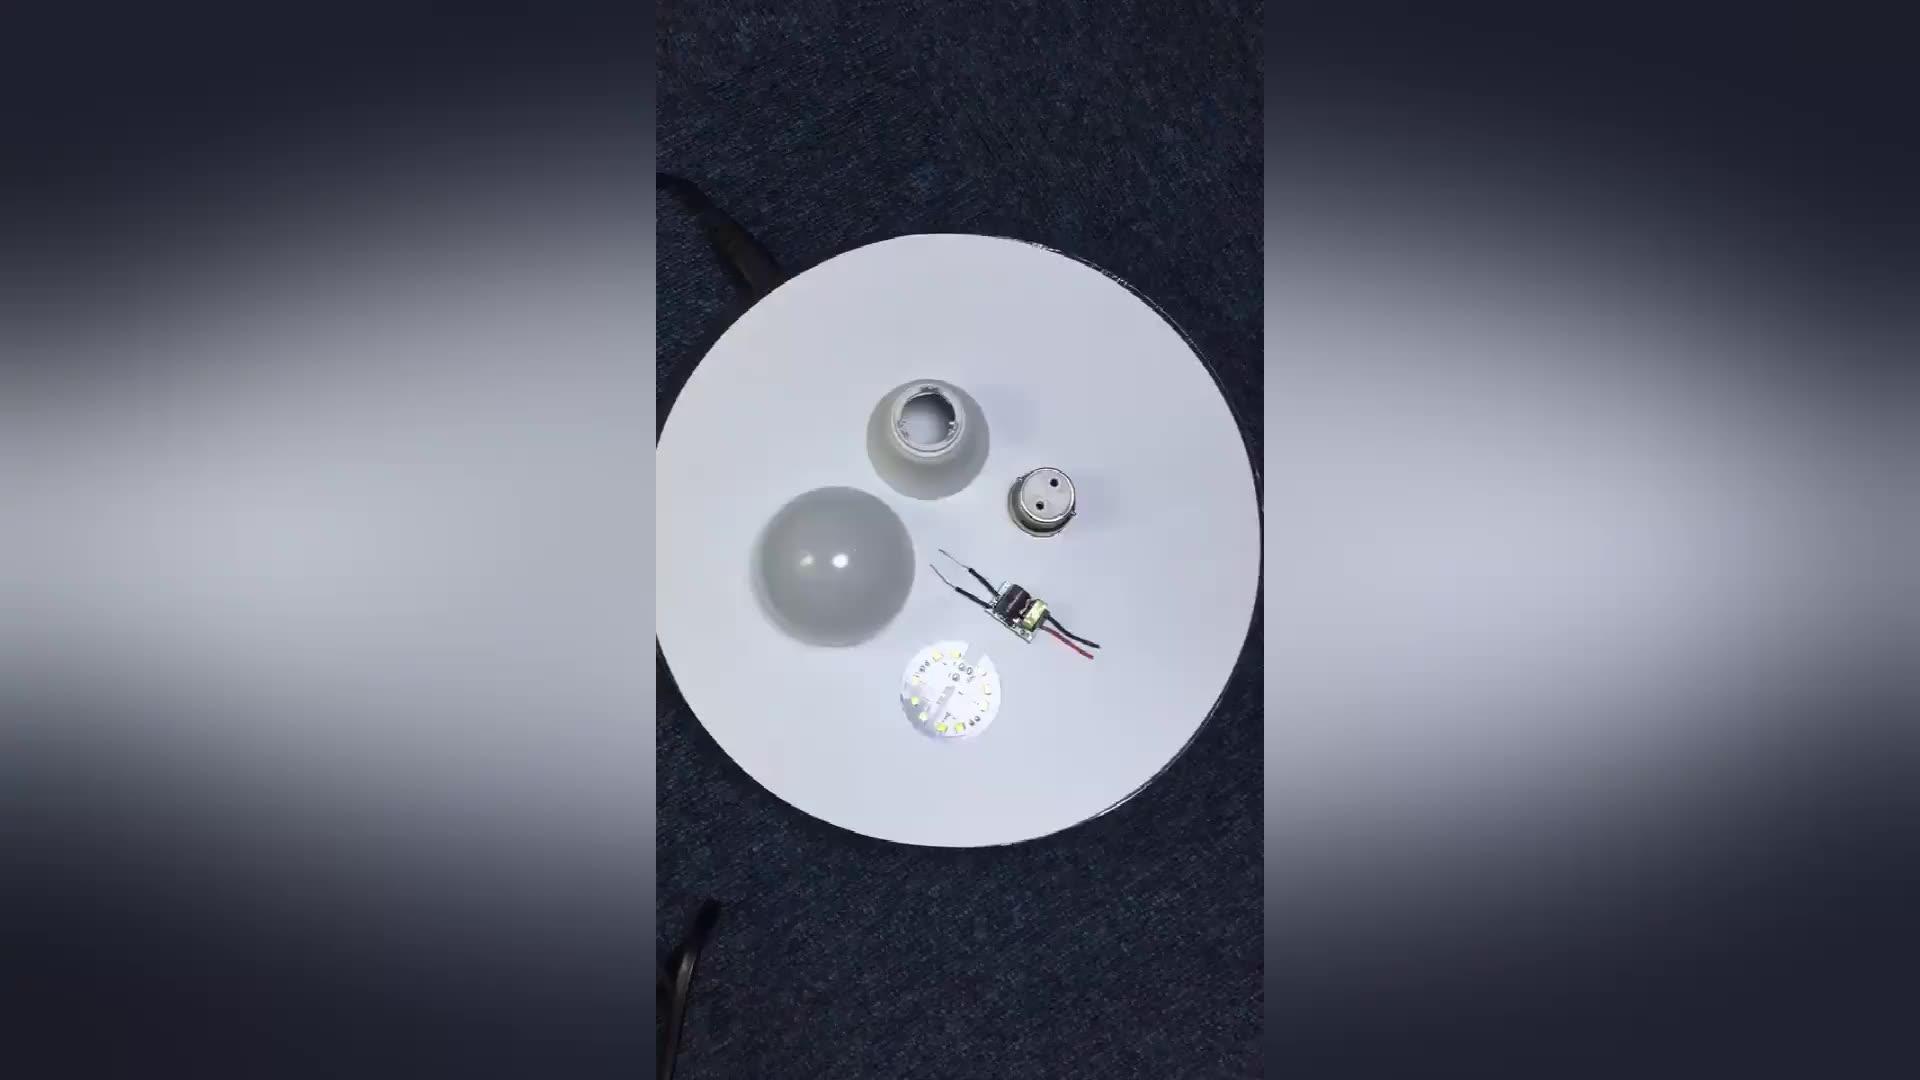 china led manufacturer raw material skd 3w 5w 7w 9w 12w 15w 18w led bulb light e27 b22 e14